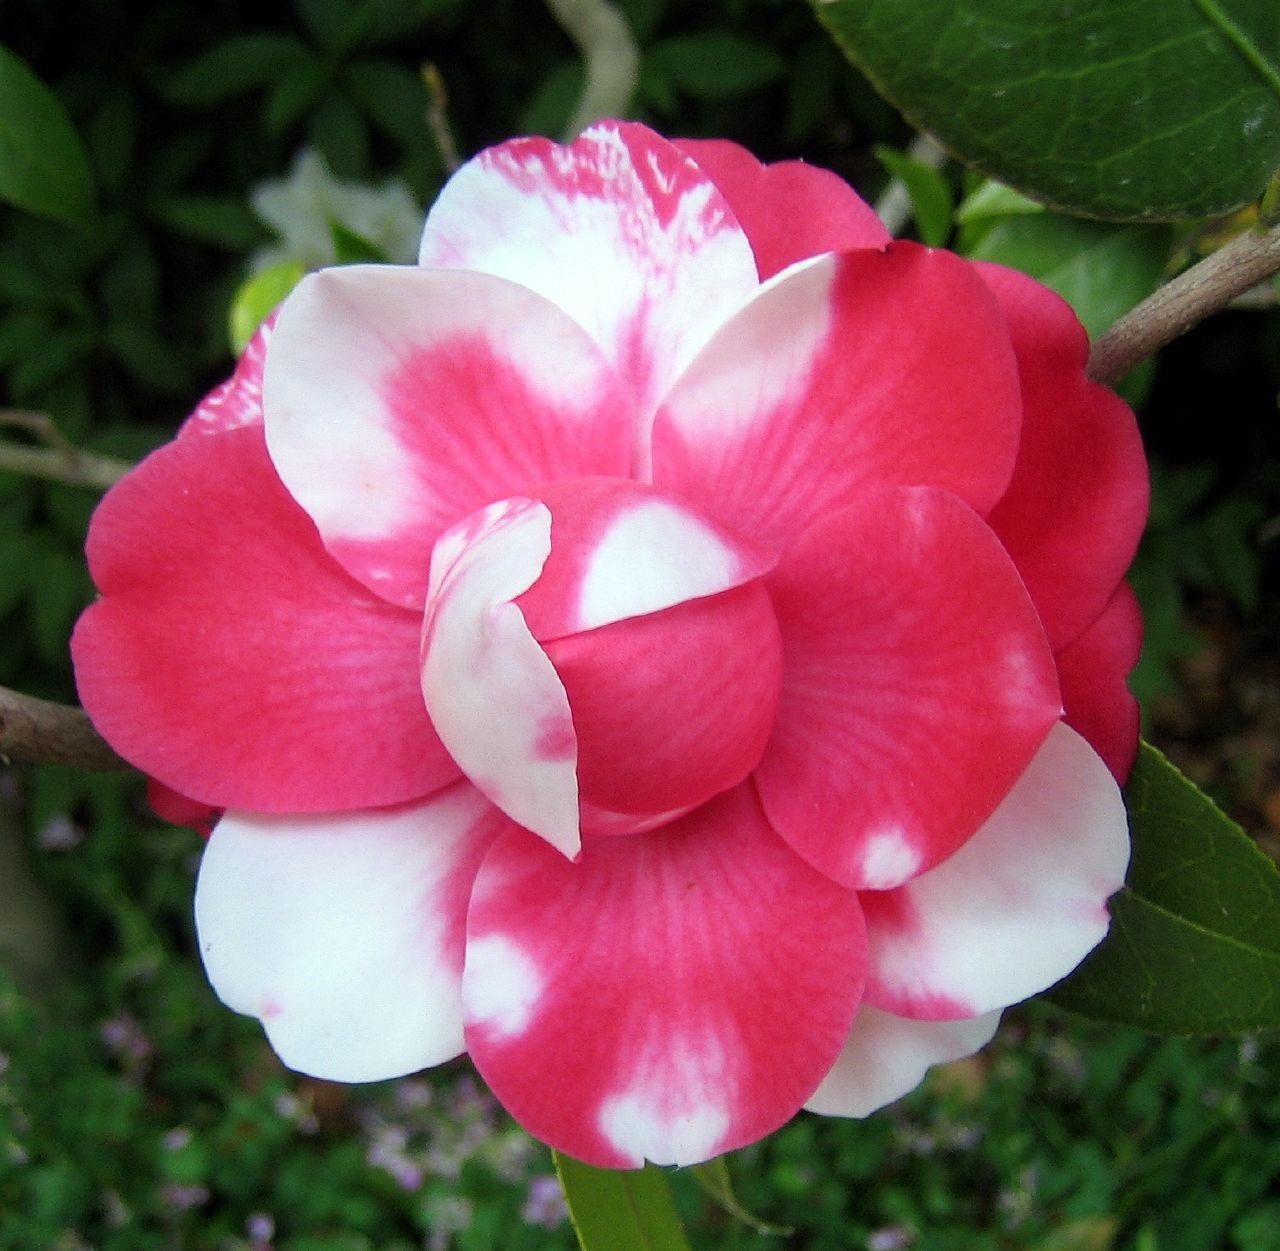 Description Co-dominance Rhododendron jpgIncomplete Dominance Vs Codominance